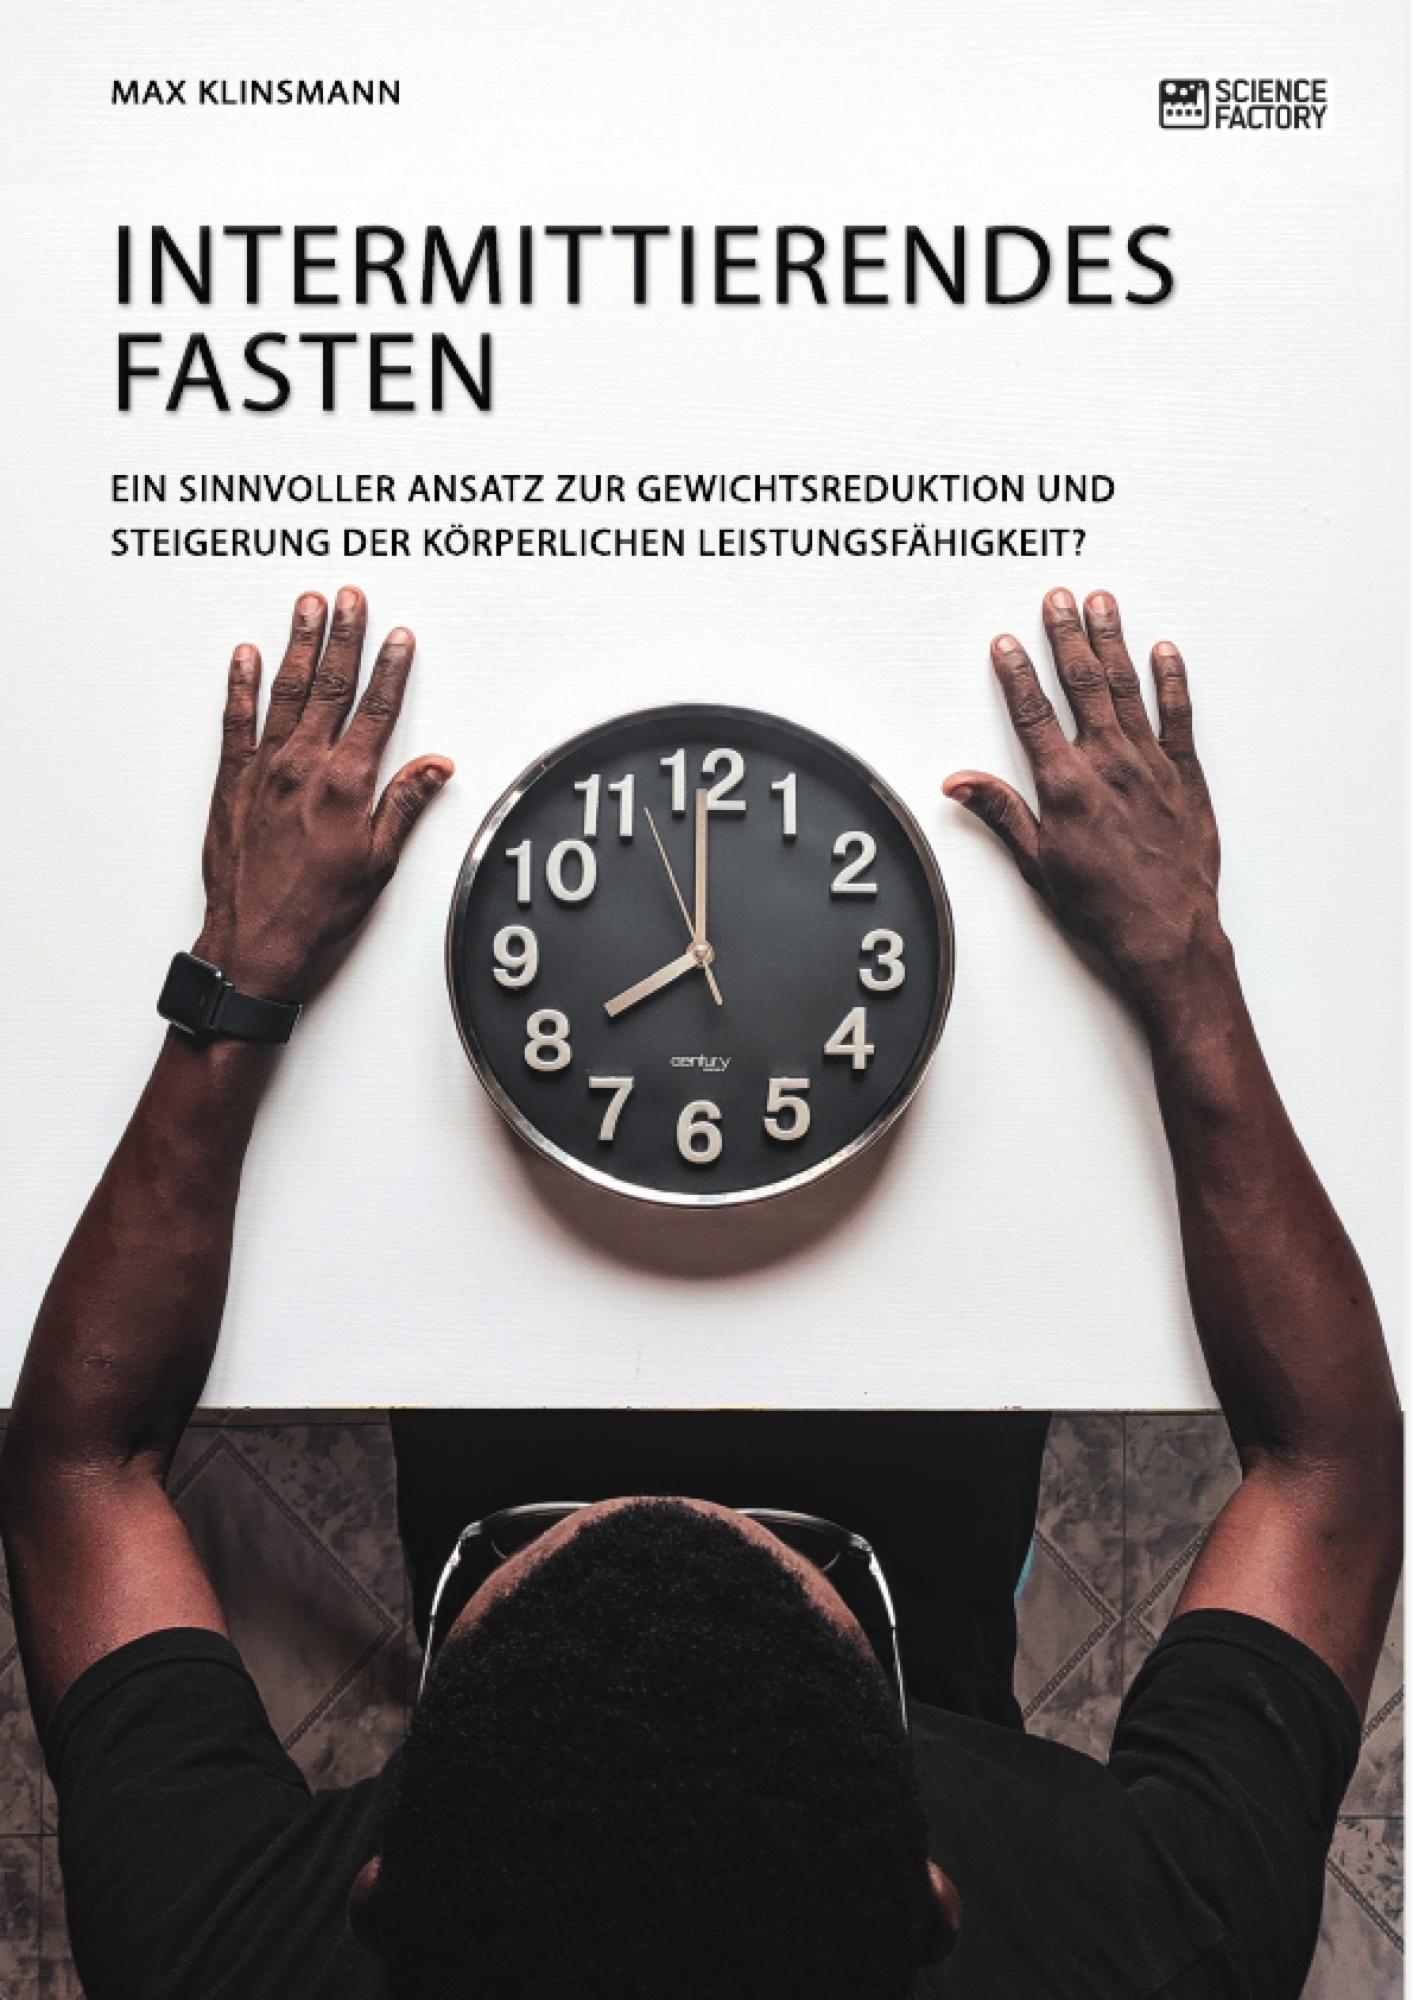 Titel: Intermittierendes Fasten. Ein sinnvoller Ansatz zur Gewichtsreduktion und Steigerung der körperlichen Leistungsfähigkeit?